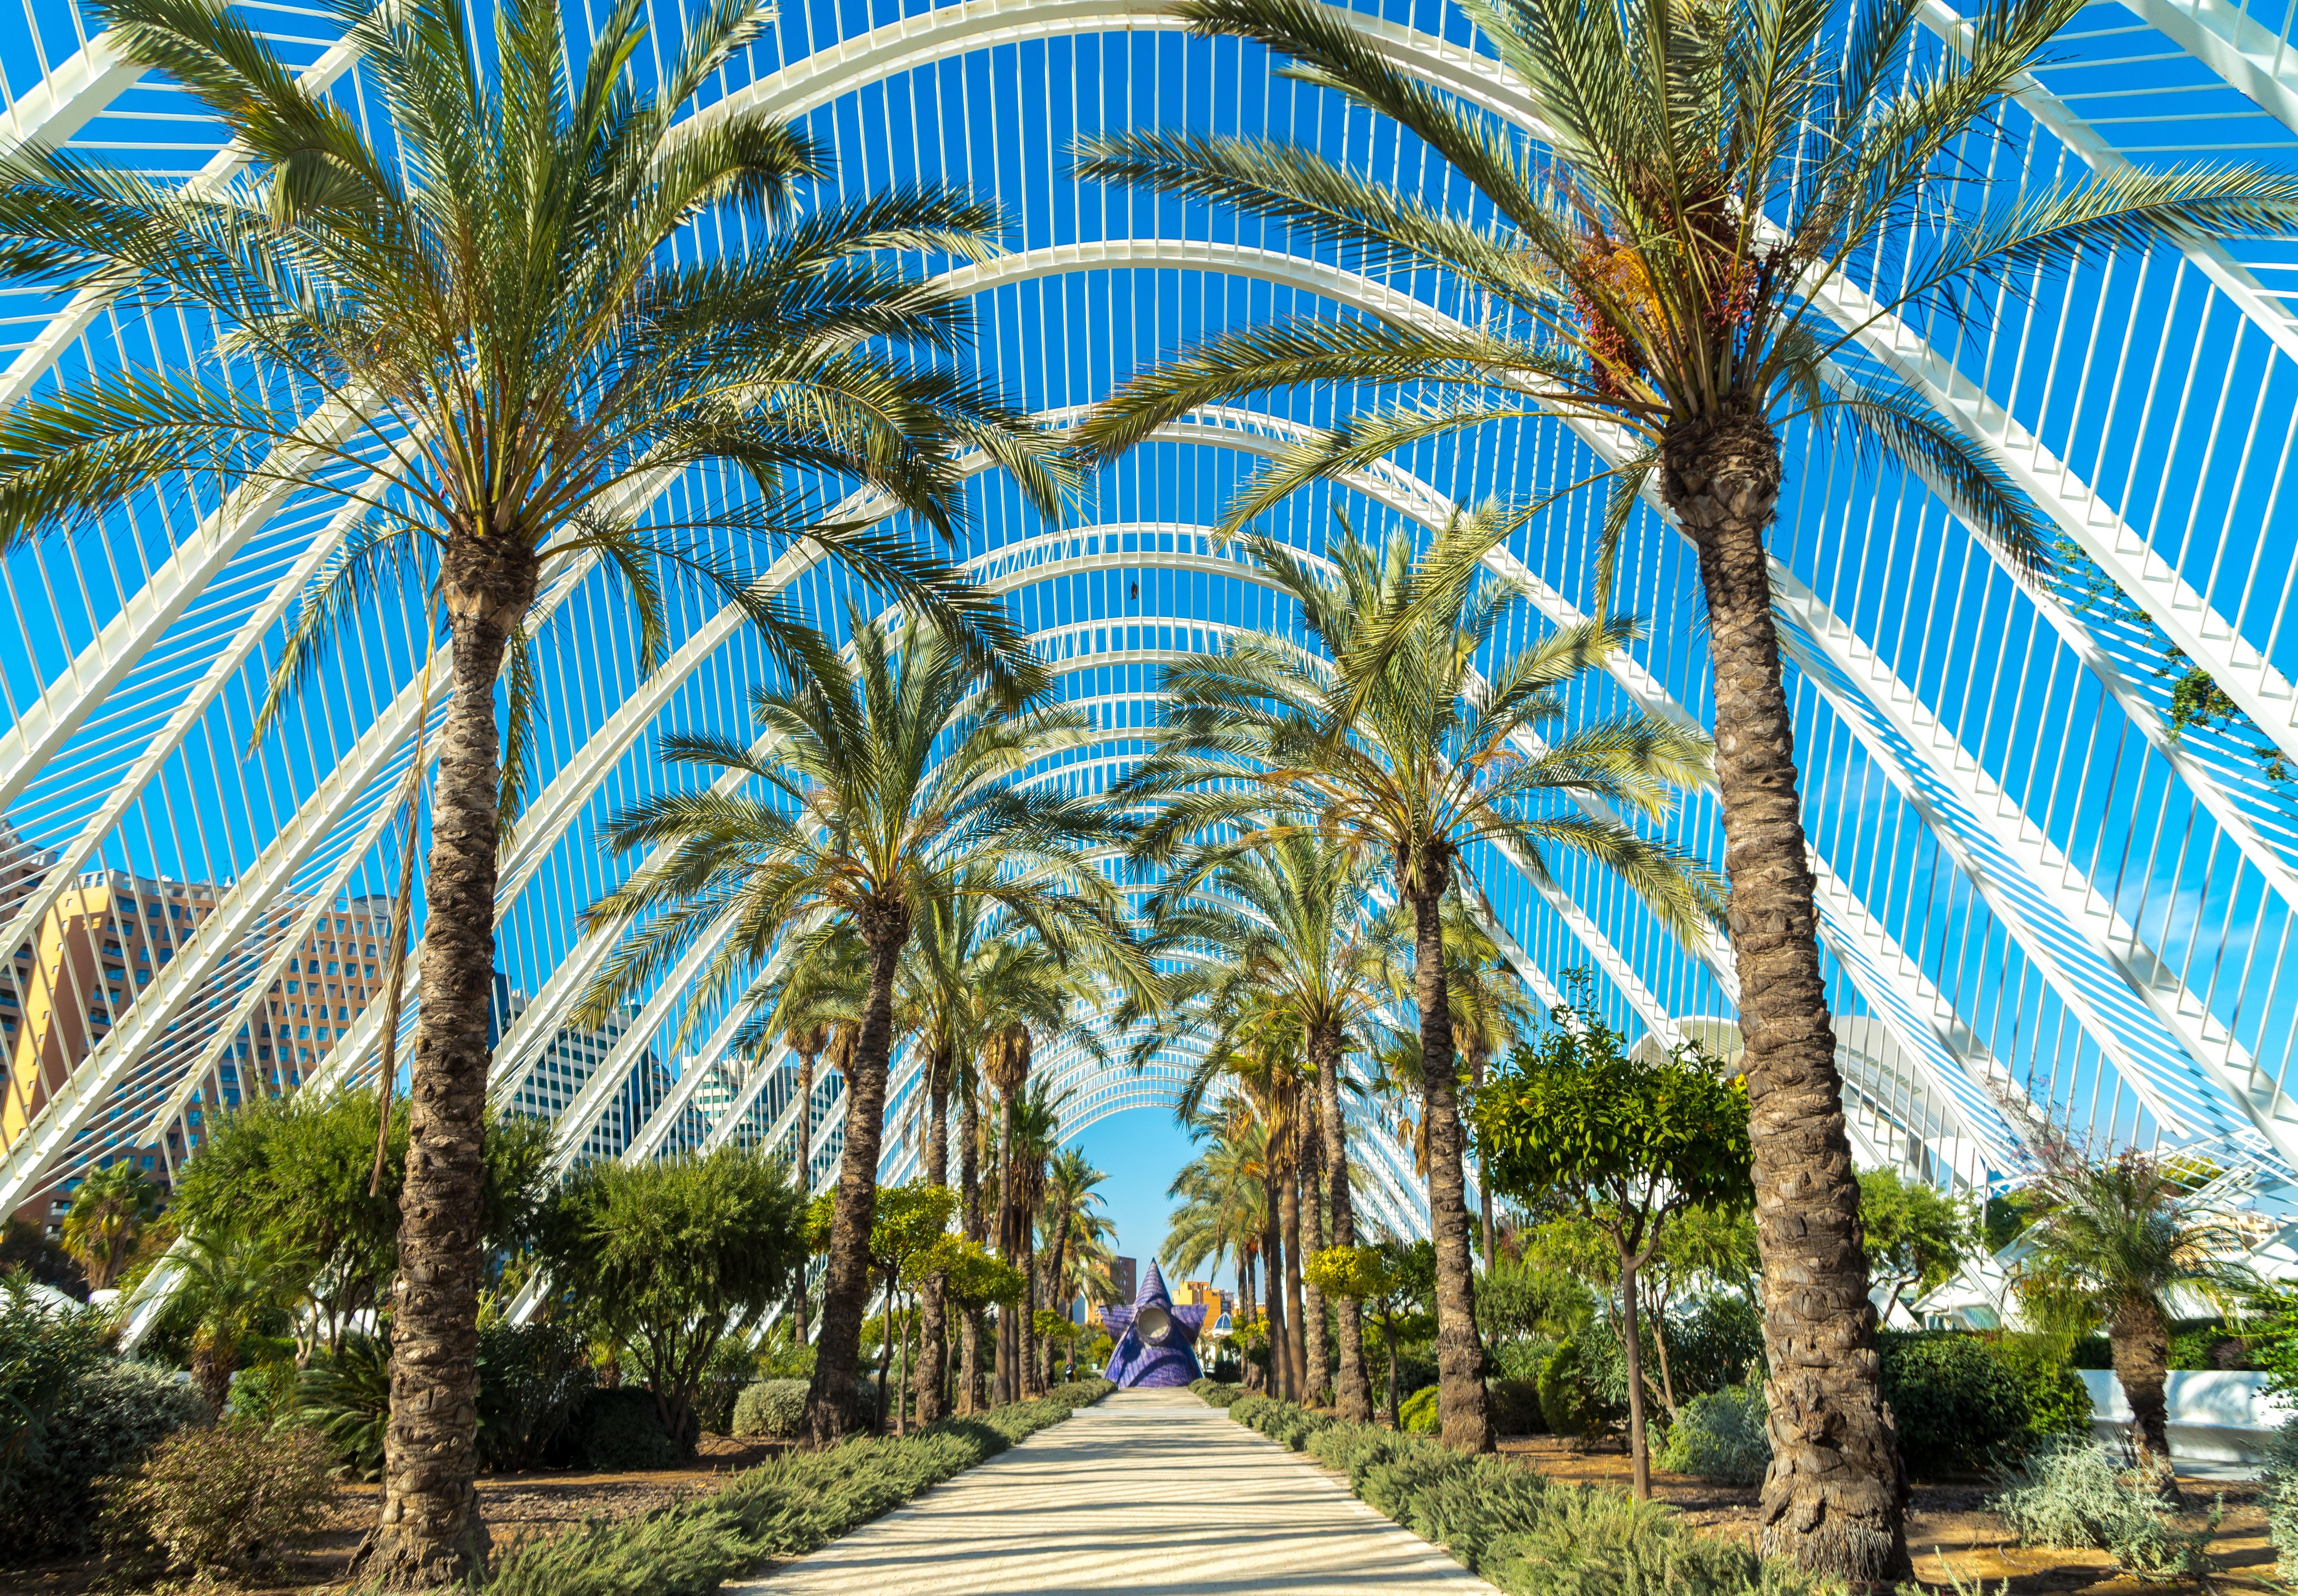 Ciudad de las Artes y las Ciencias, València, Spain